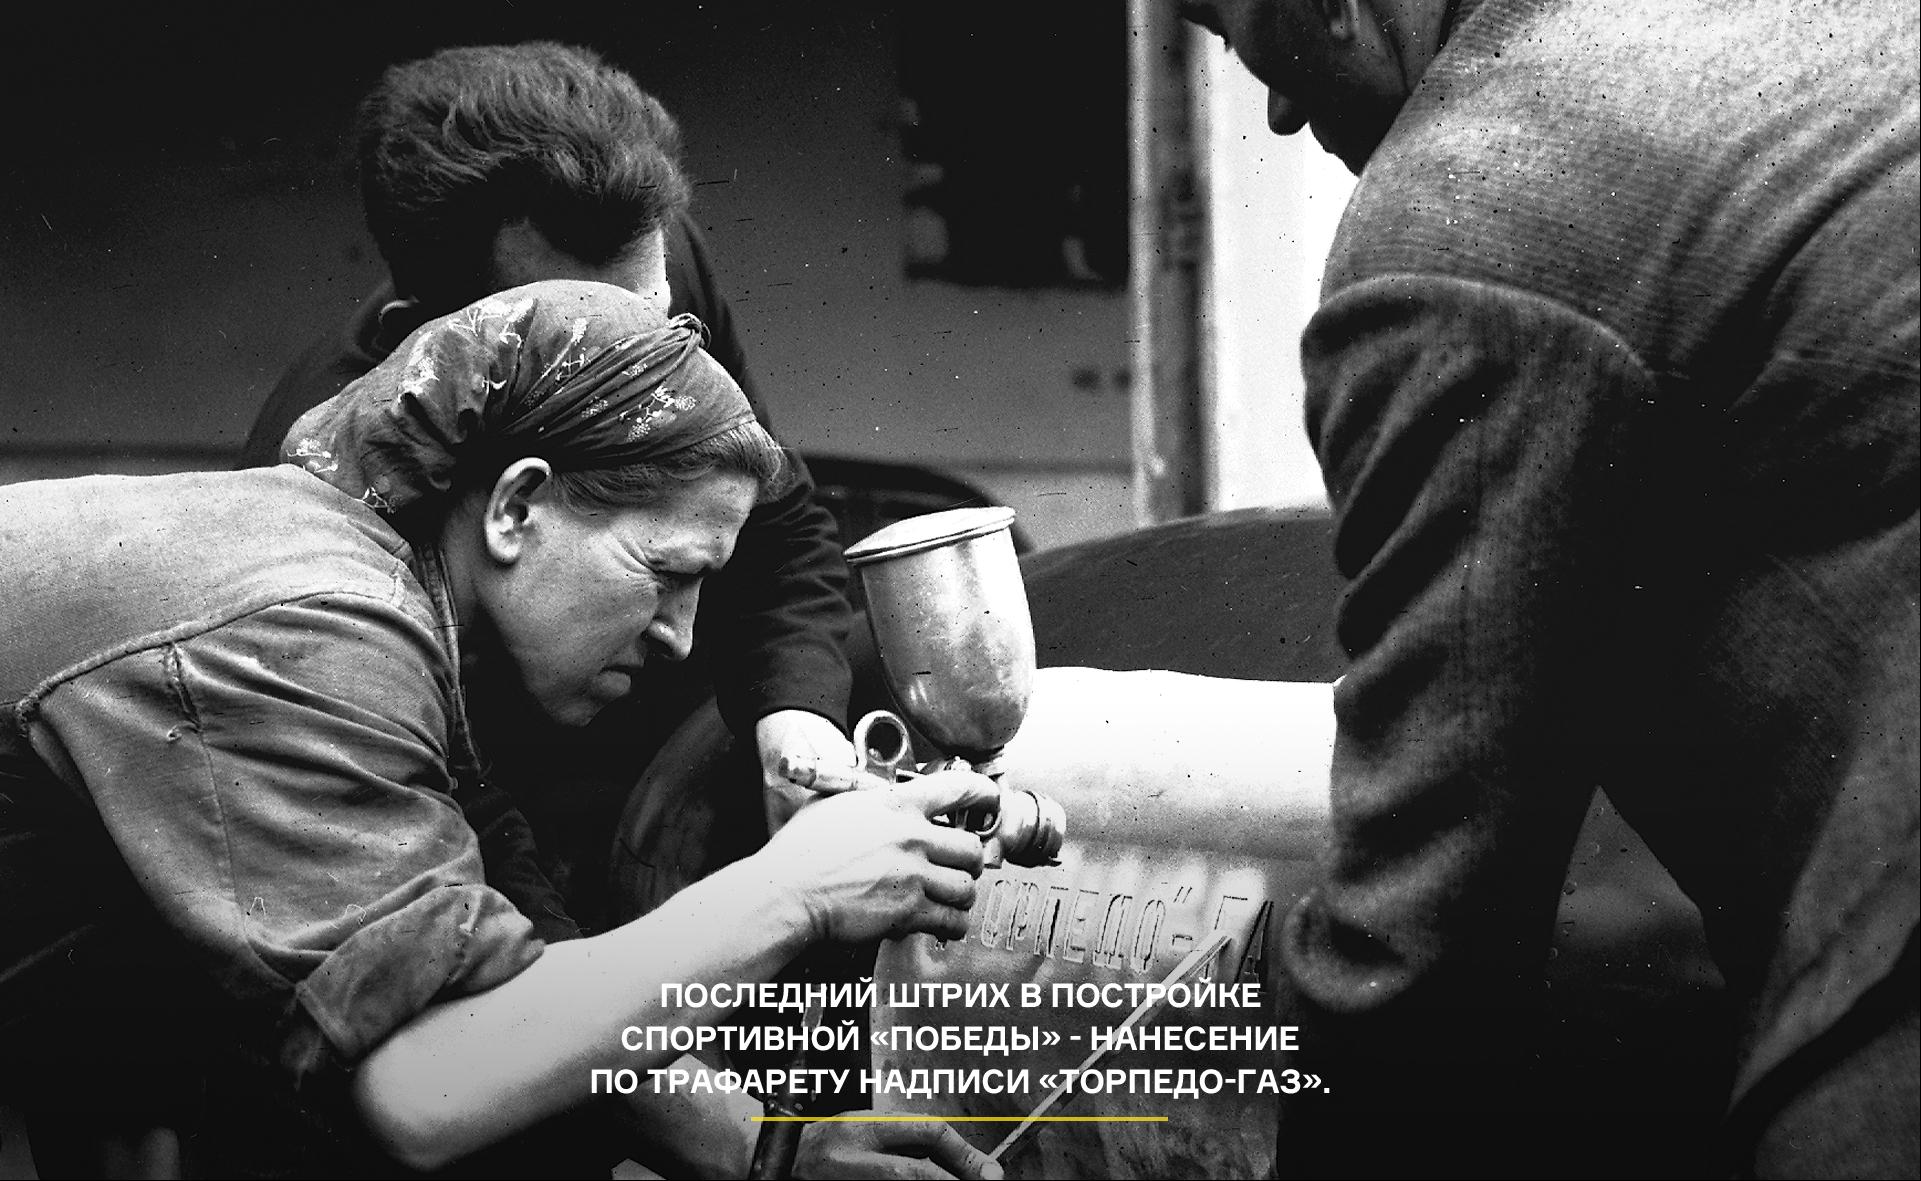 Возрождение советской гоночной легенды. Предыстория. Фото 1